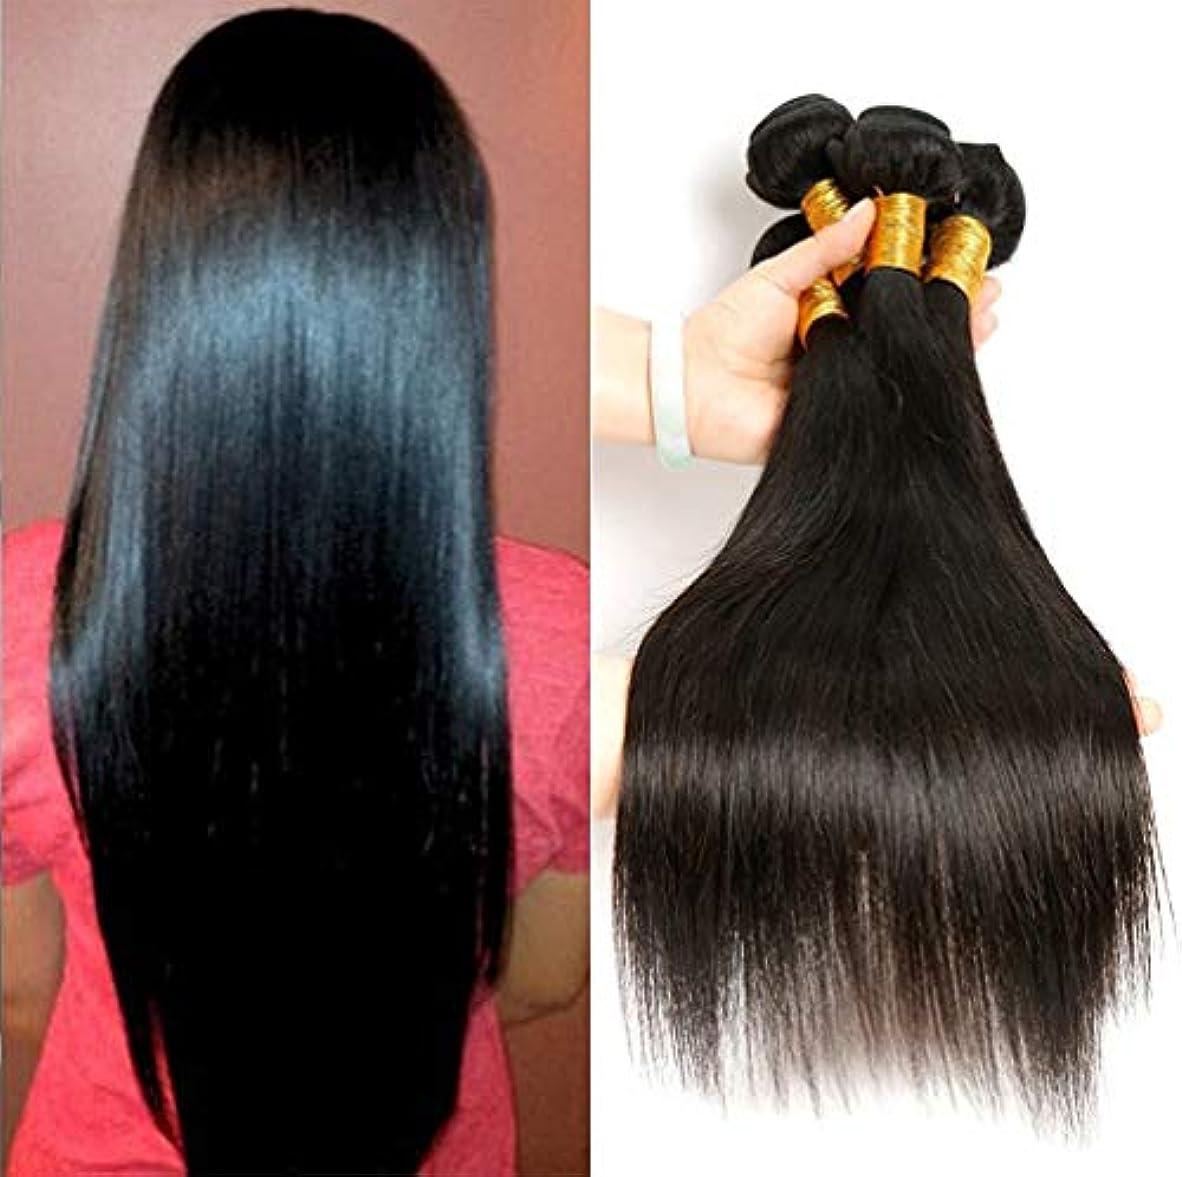 胚職業恐れる女性の髪織りブラジルのストレート人間の髪シルキーストレートバージン人間の髪織りエクステンションナチュラル(3バンドル)